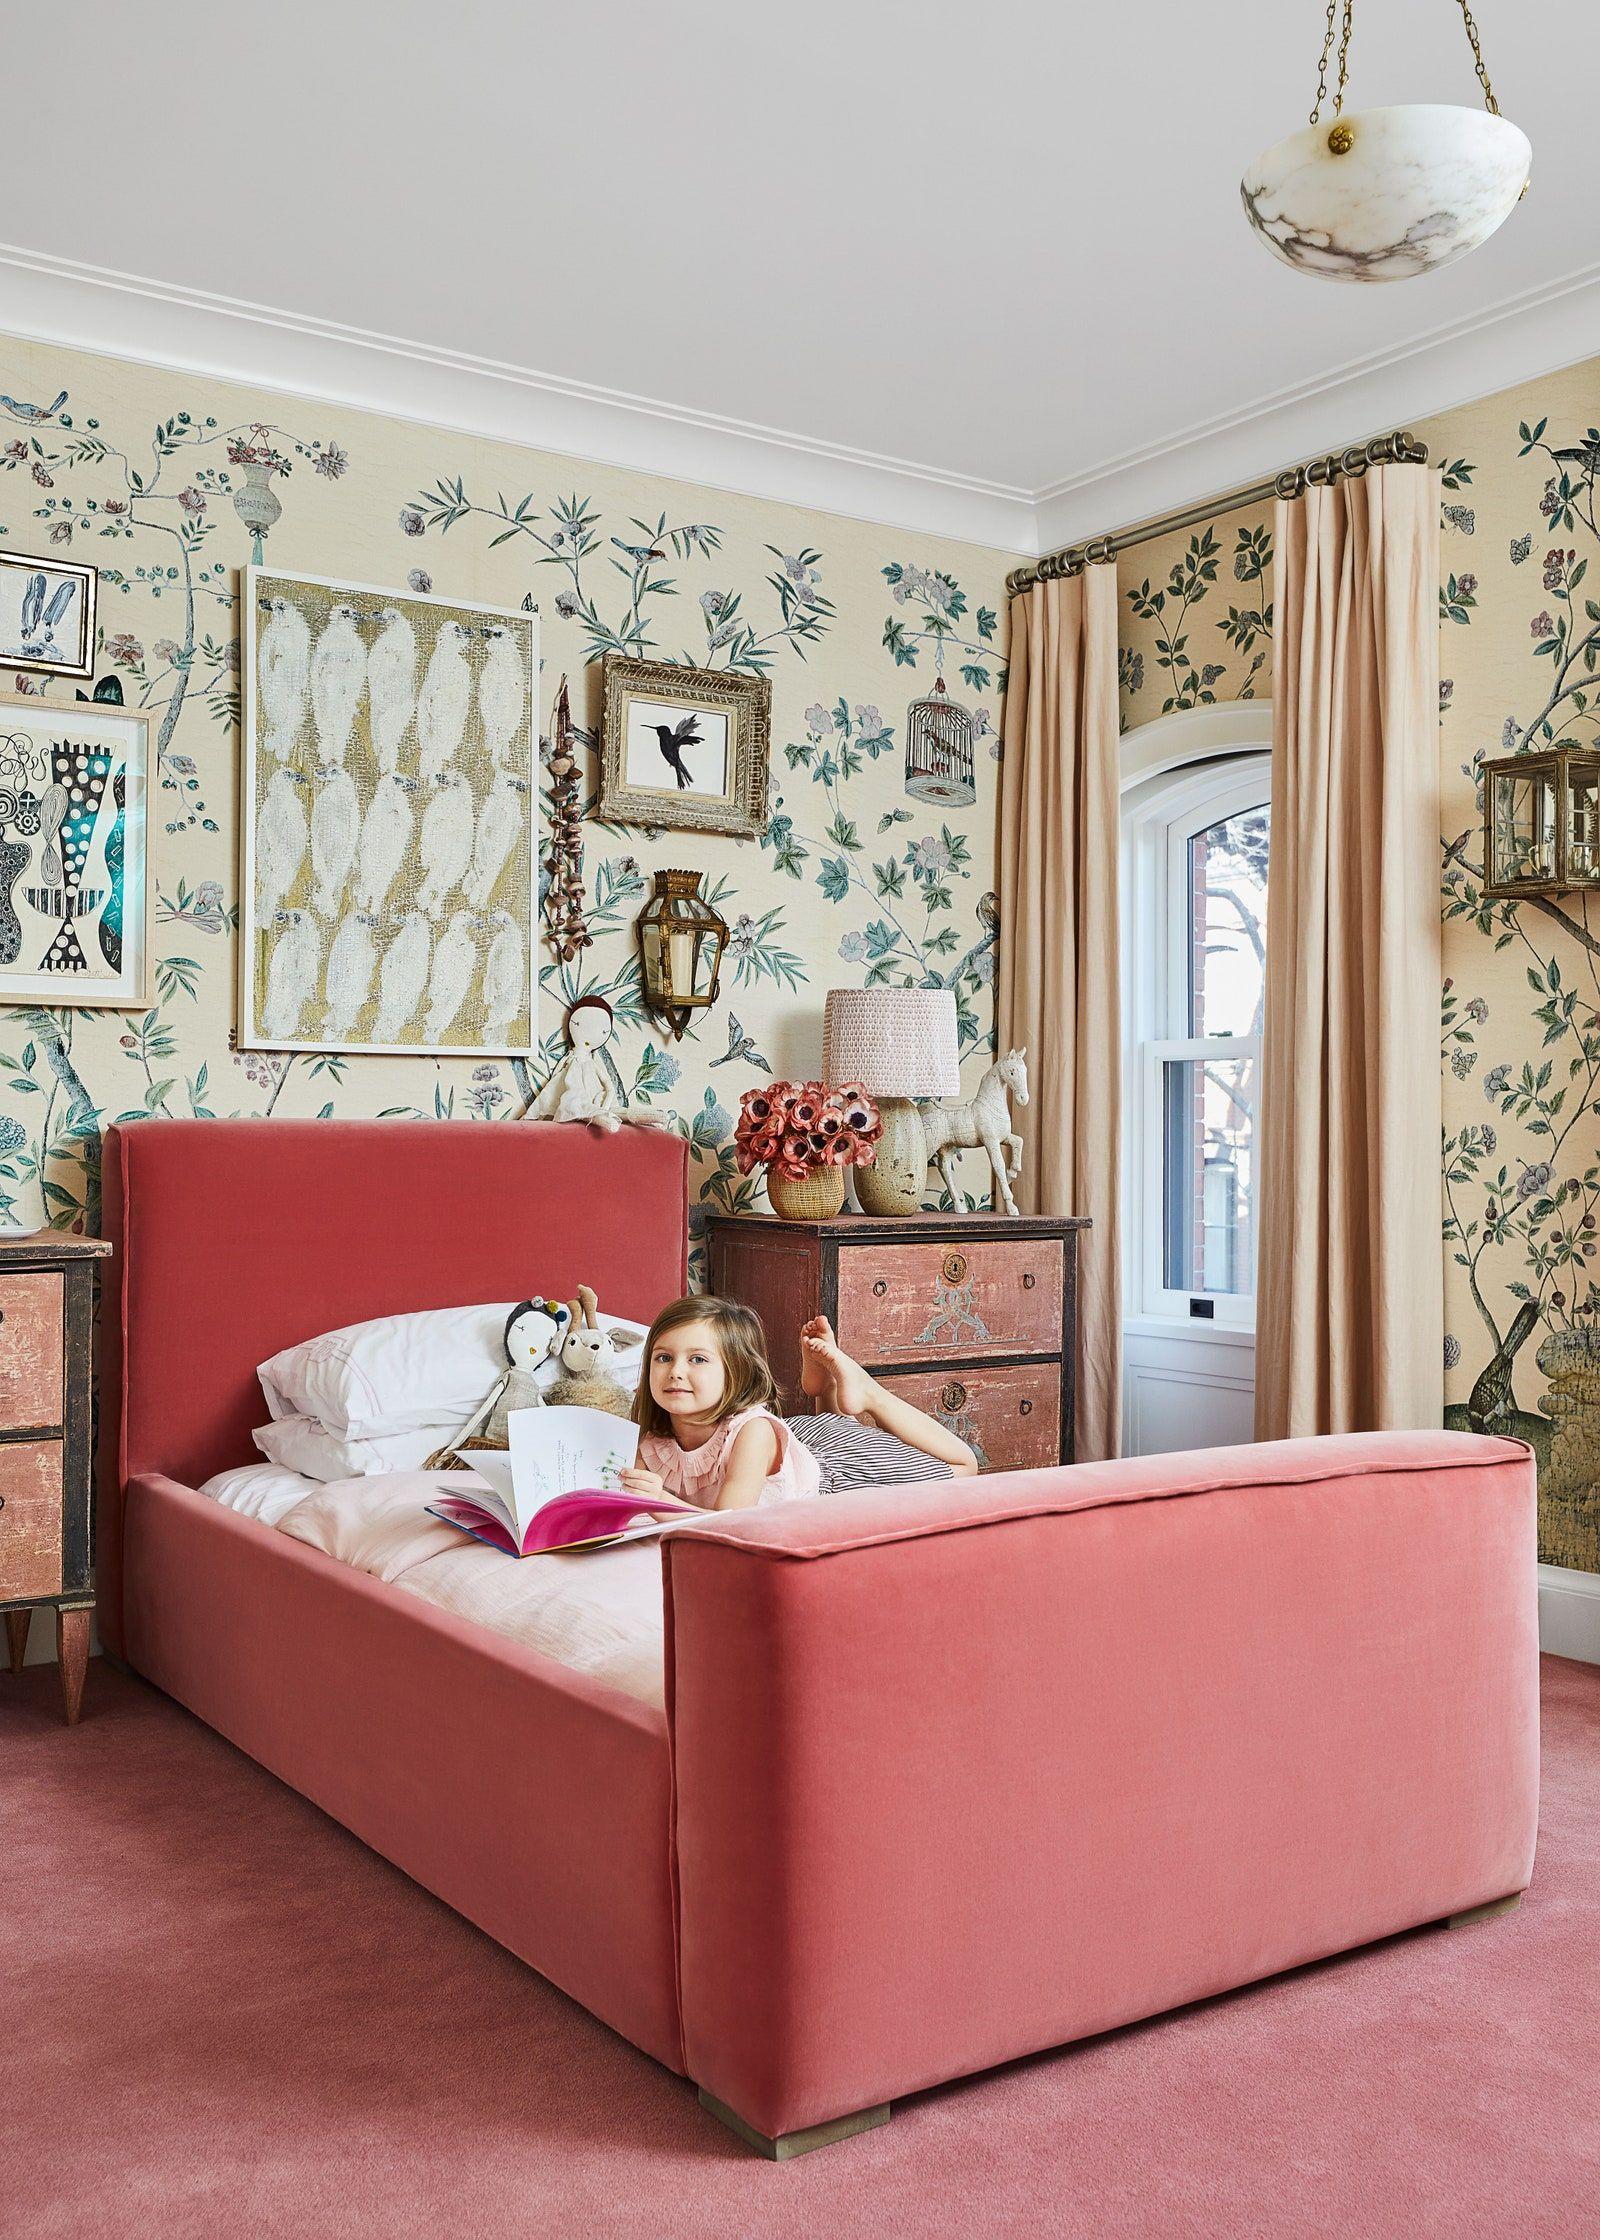 Nate Berkus's and Jeremiah Brent's New Home in New York | La Dolce Vita